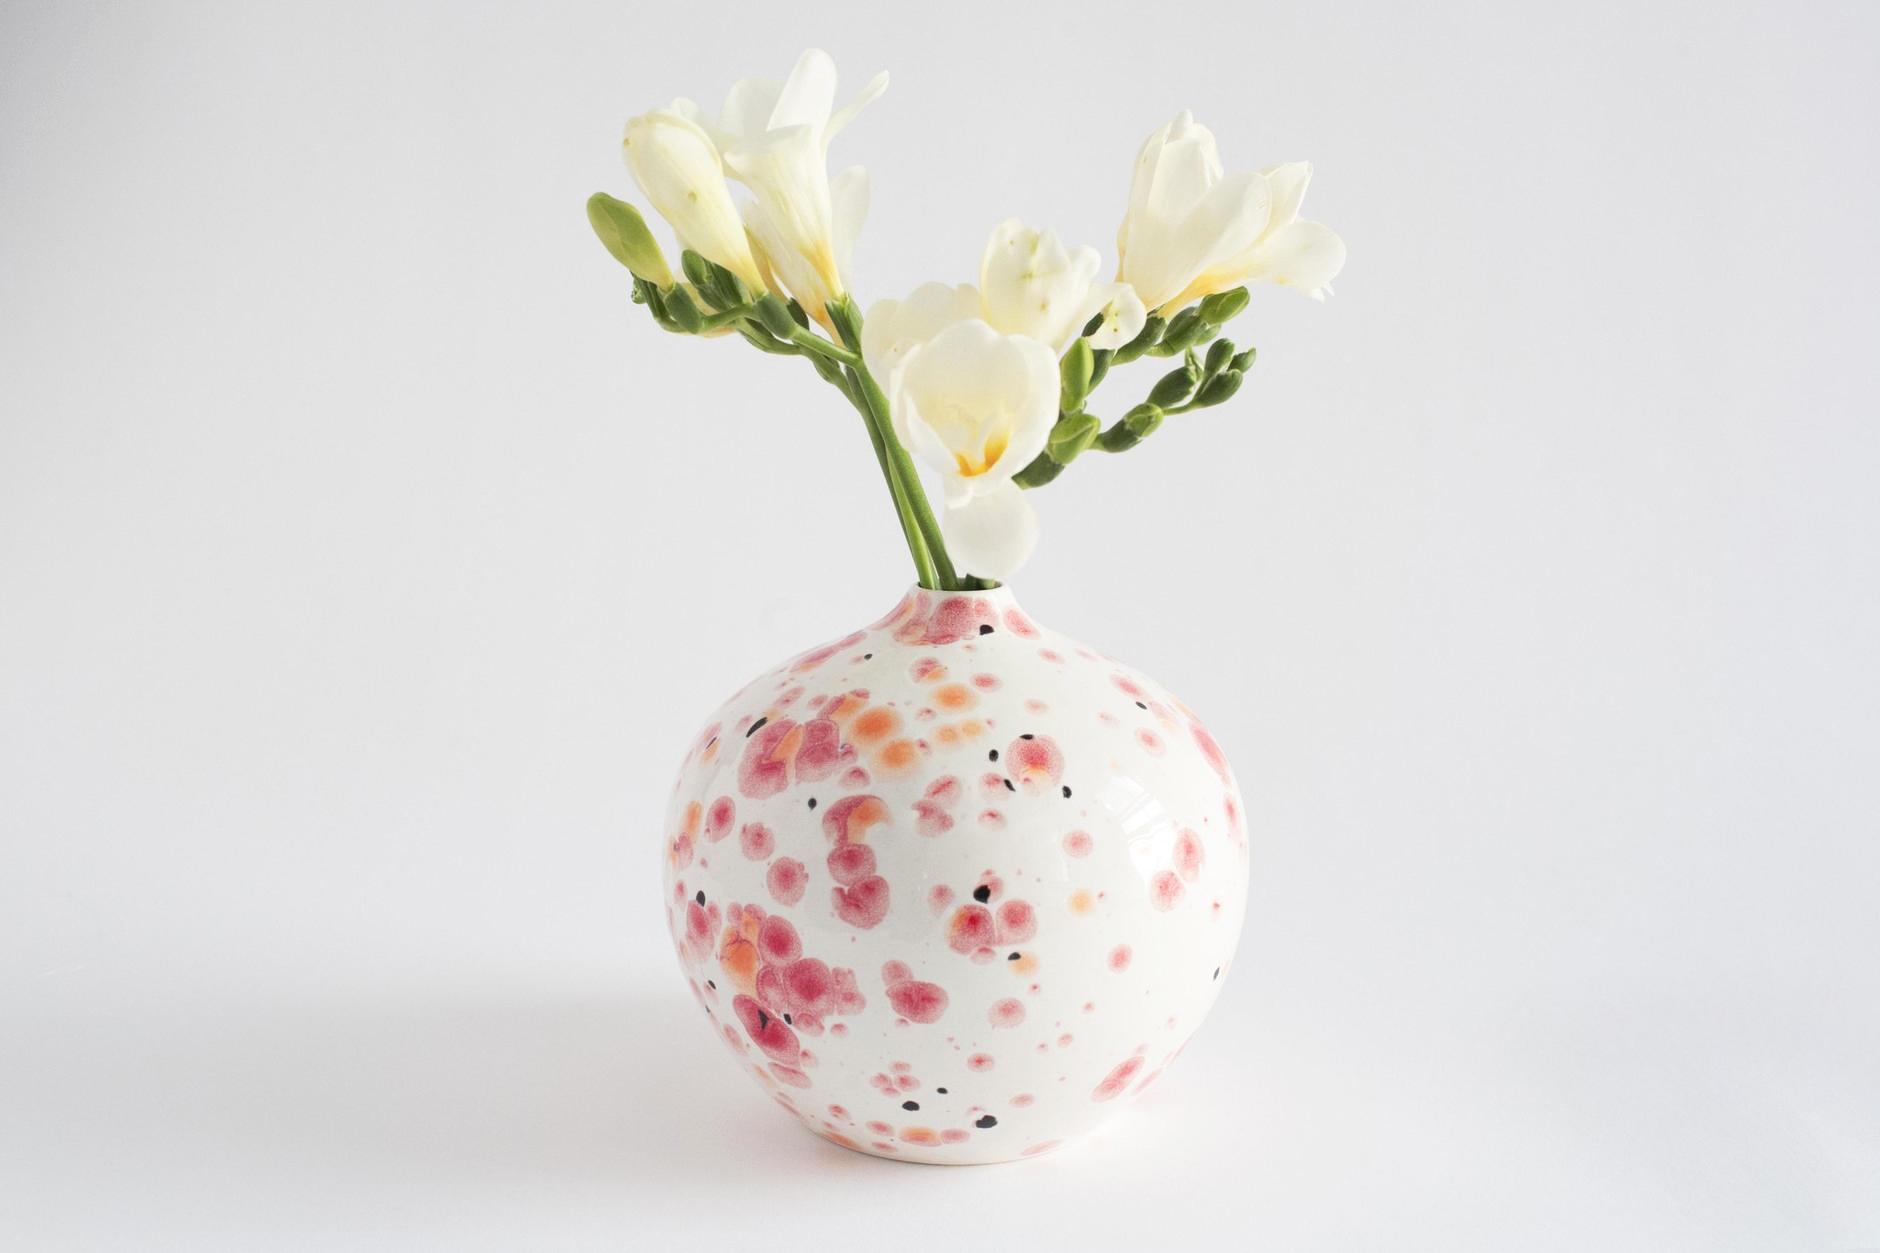 bridesmaid gift flowering vase